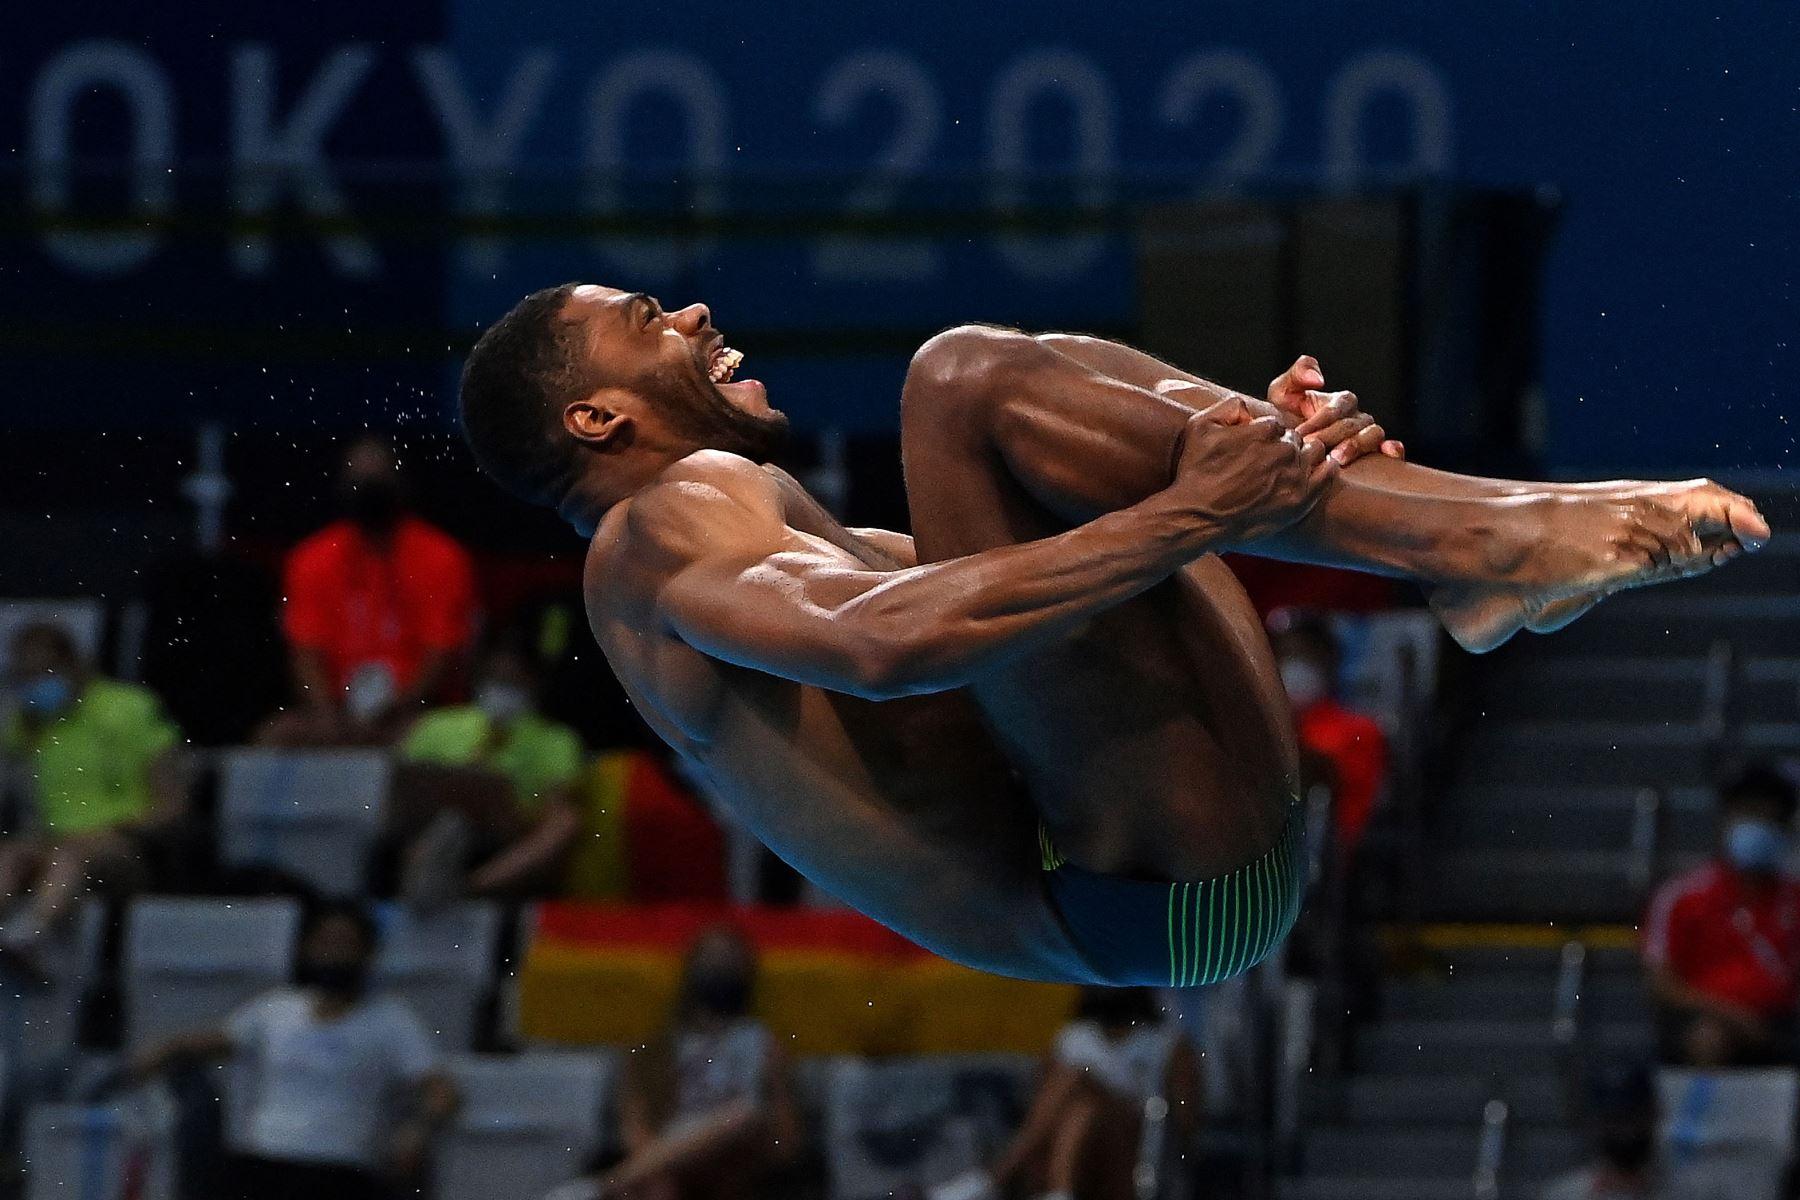 Yona Knight-Wisdom de Jamaica compite en la ronda preliminar del evento de salto de trampolín de 3 metros masculino durante los Juegos Olímpicos de Tokio 2020 en el Centro Acuático de Tokio. Foto: AFP